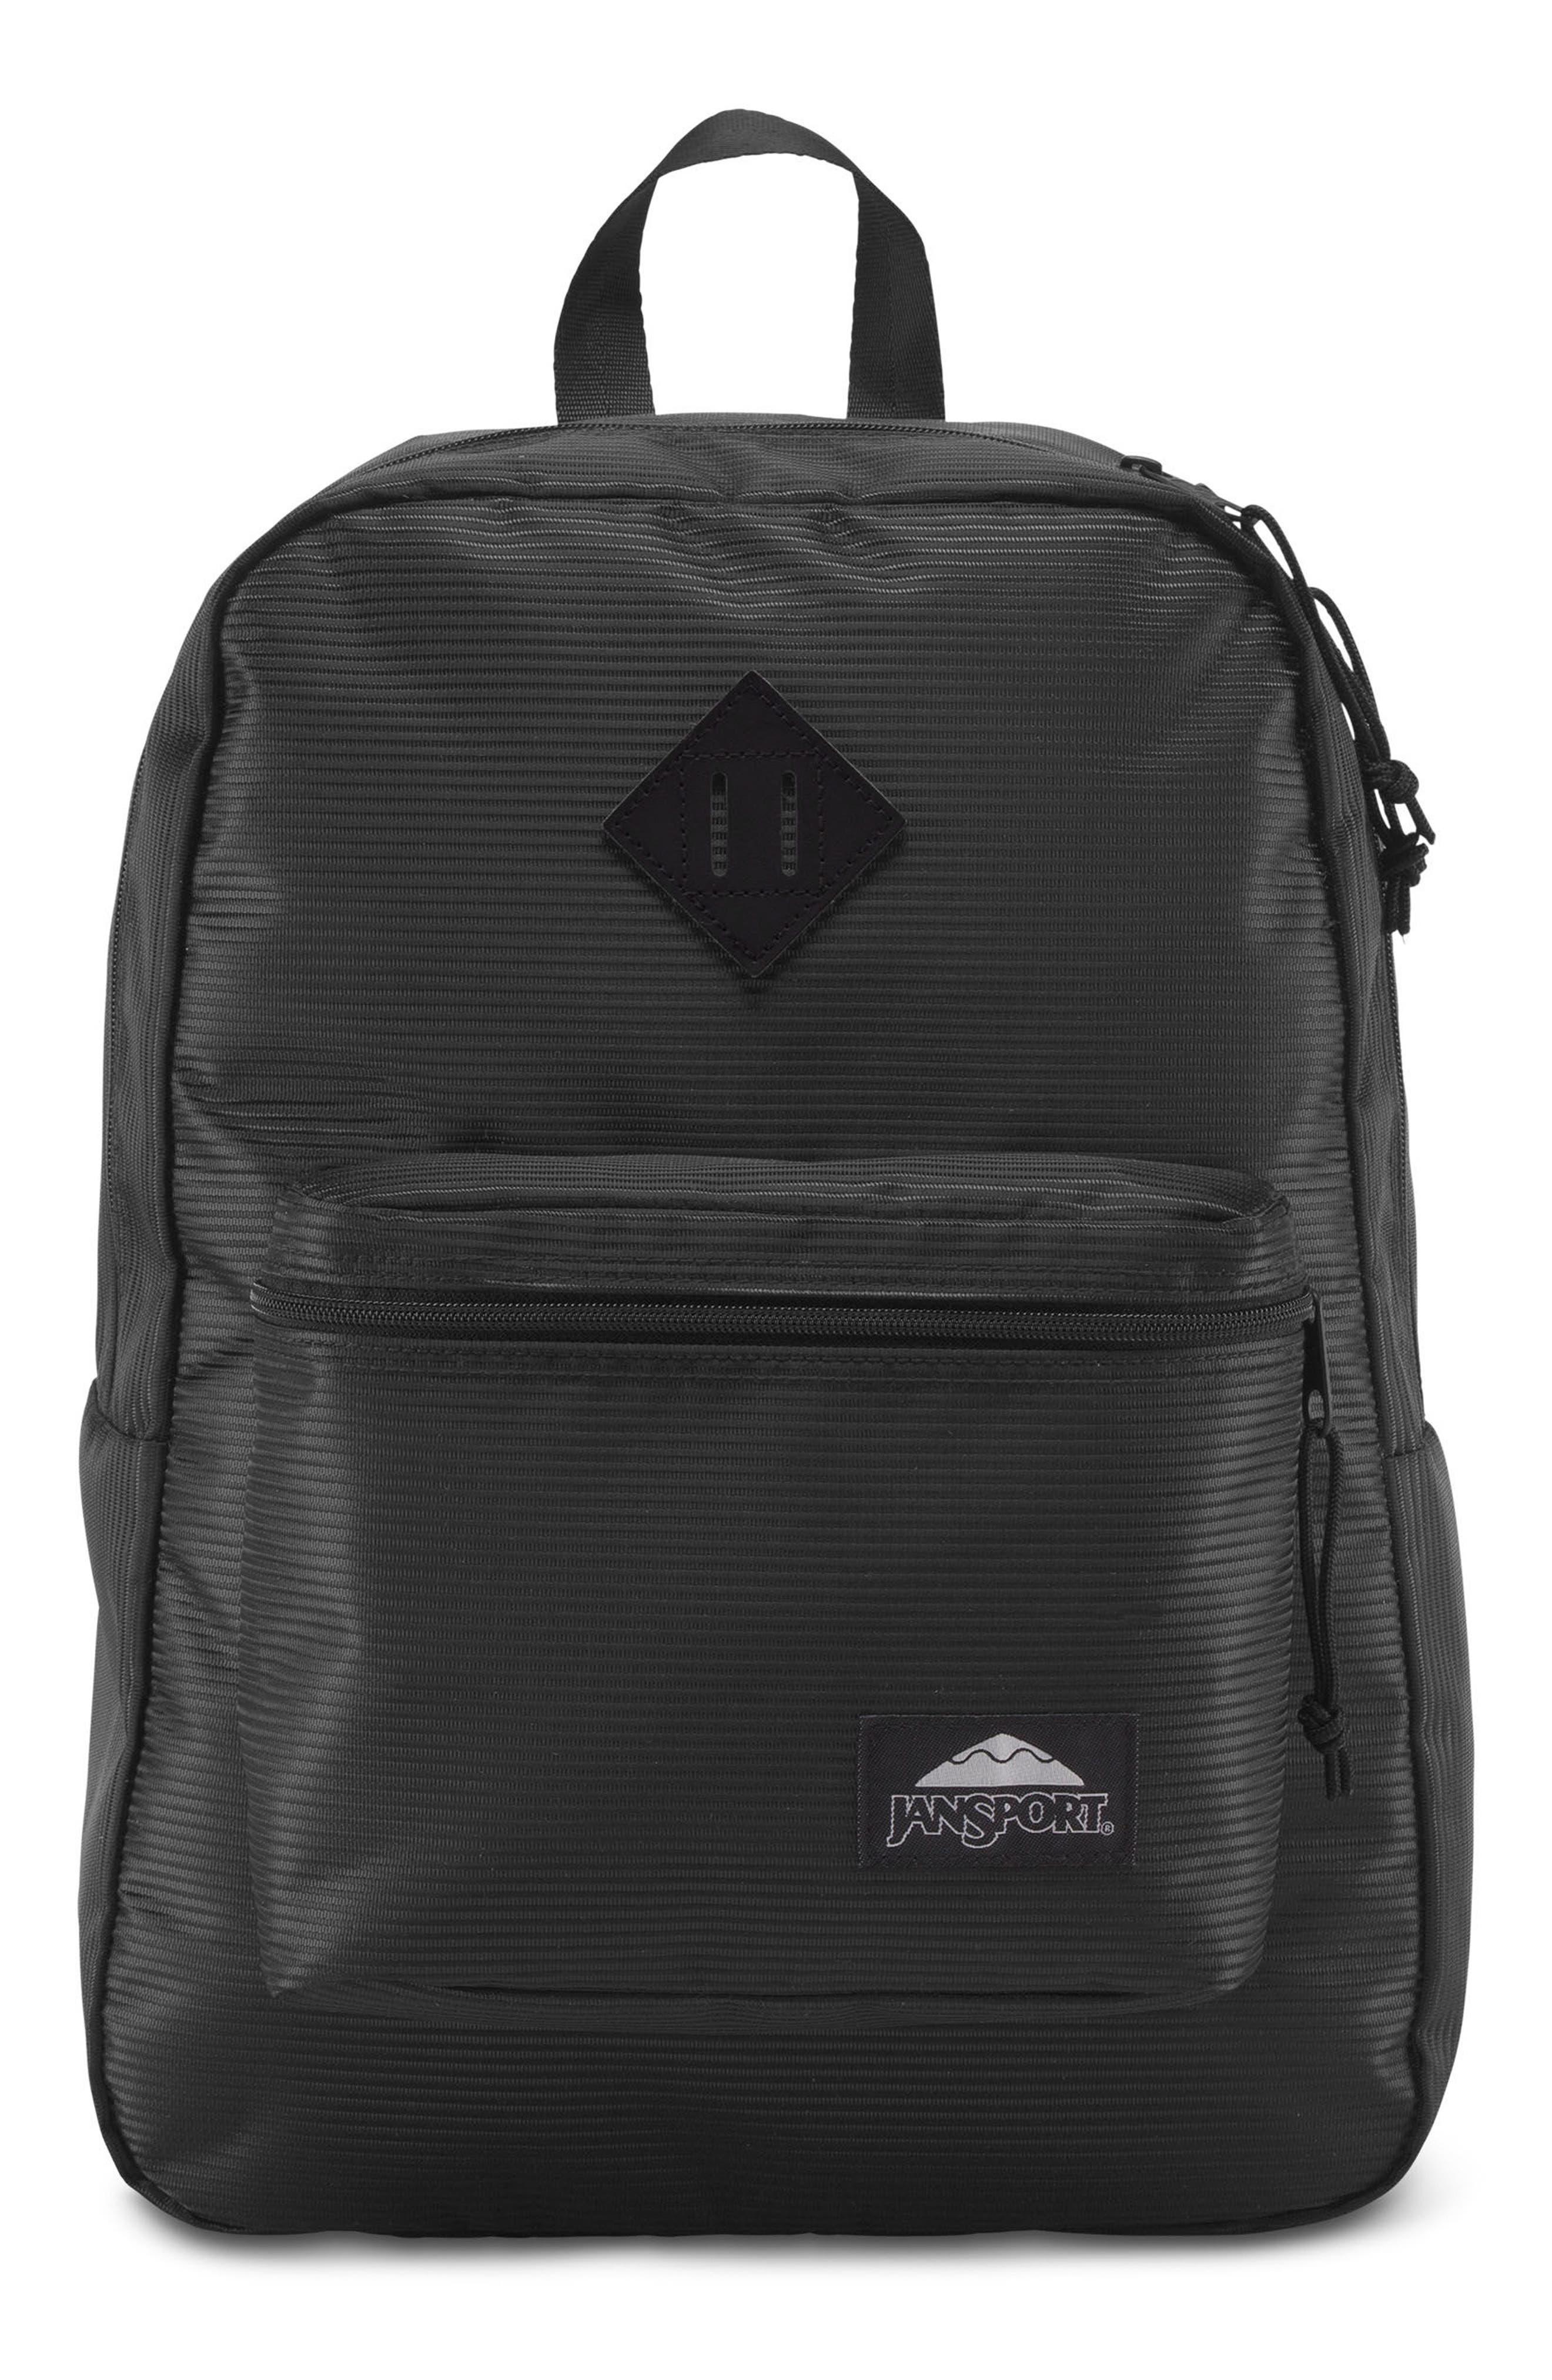 Jansport Super FX DL Backpack